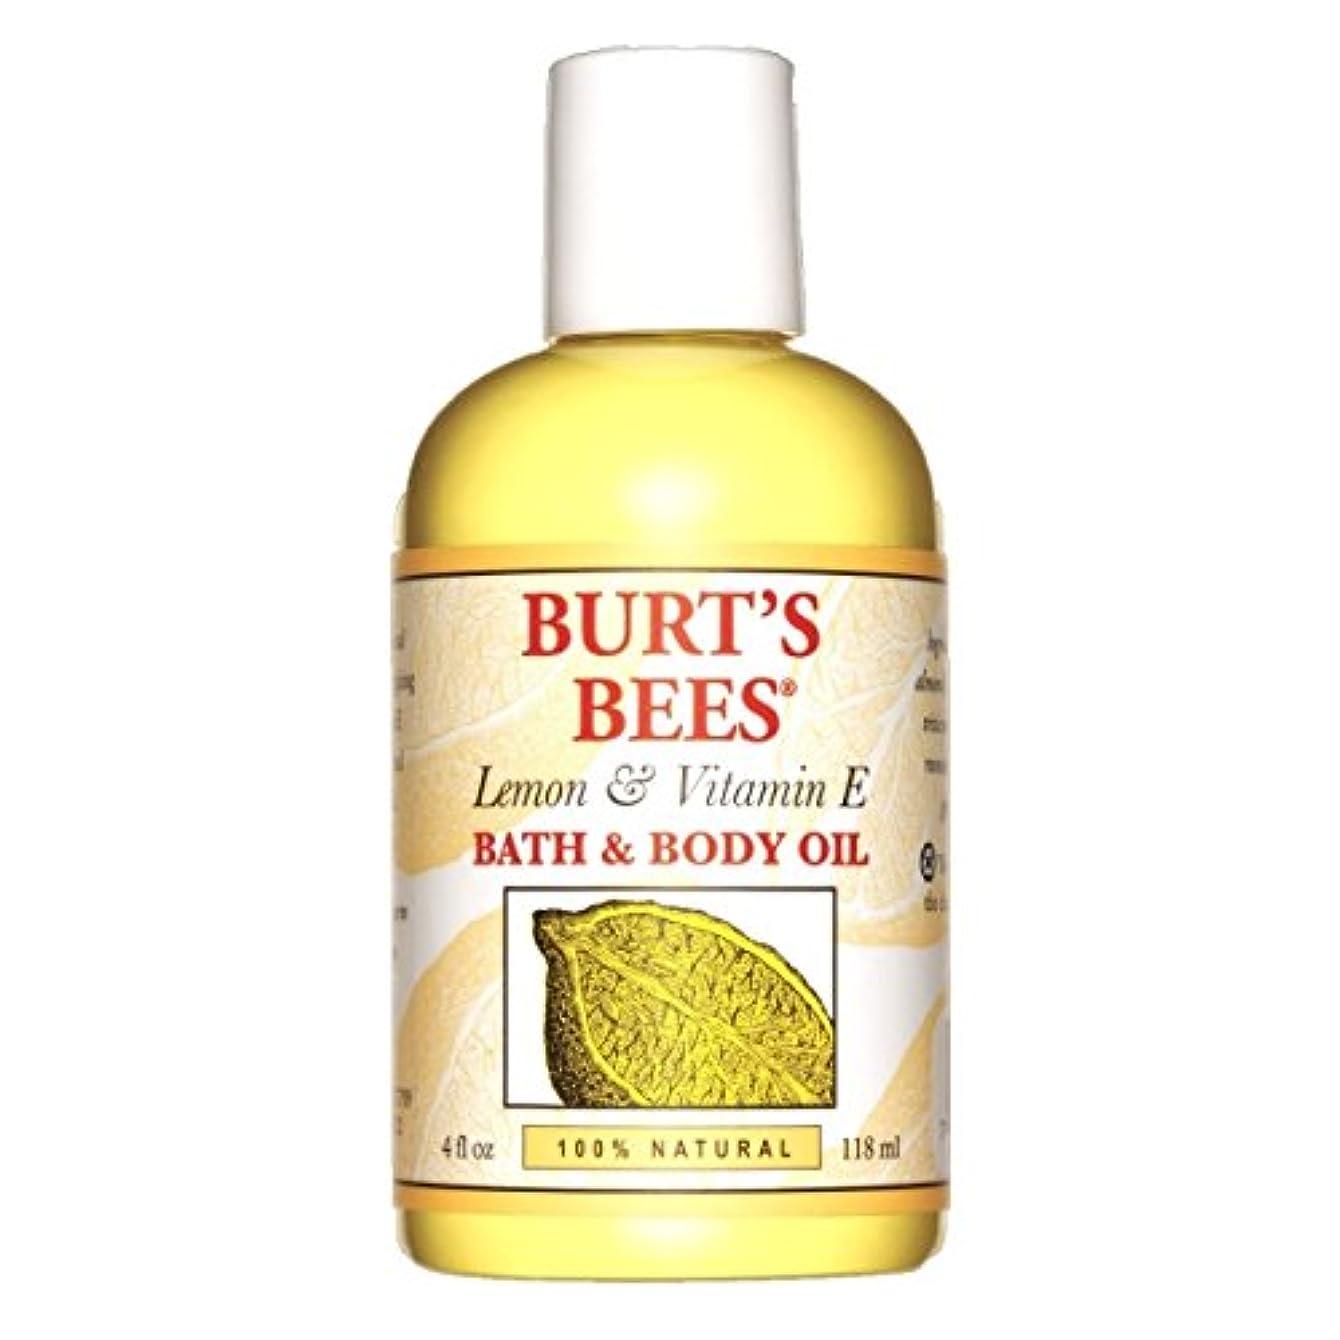 ワンダー説得フライカイトバーツビーズ(Burt's Bees) レモン&ビタミンE バスアンドボディオイル 118ml [海外直送品][並行輸入品]